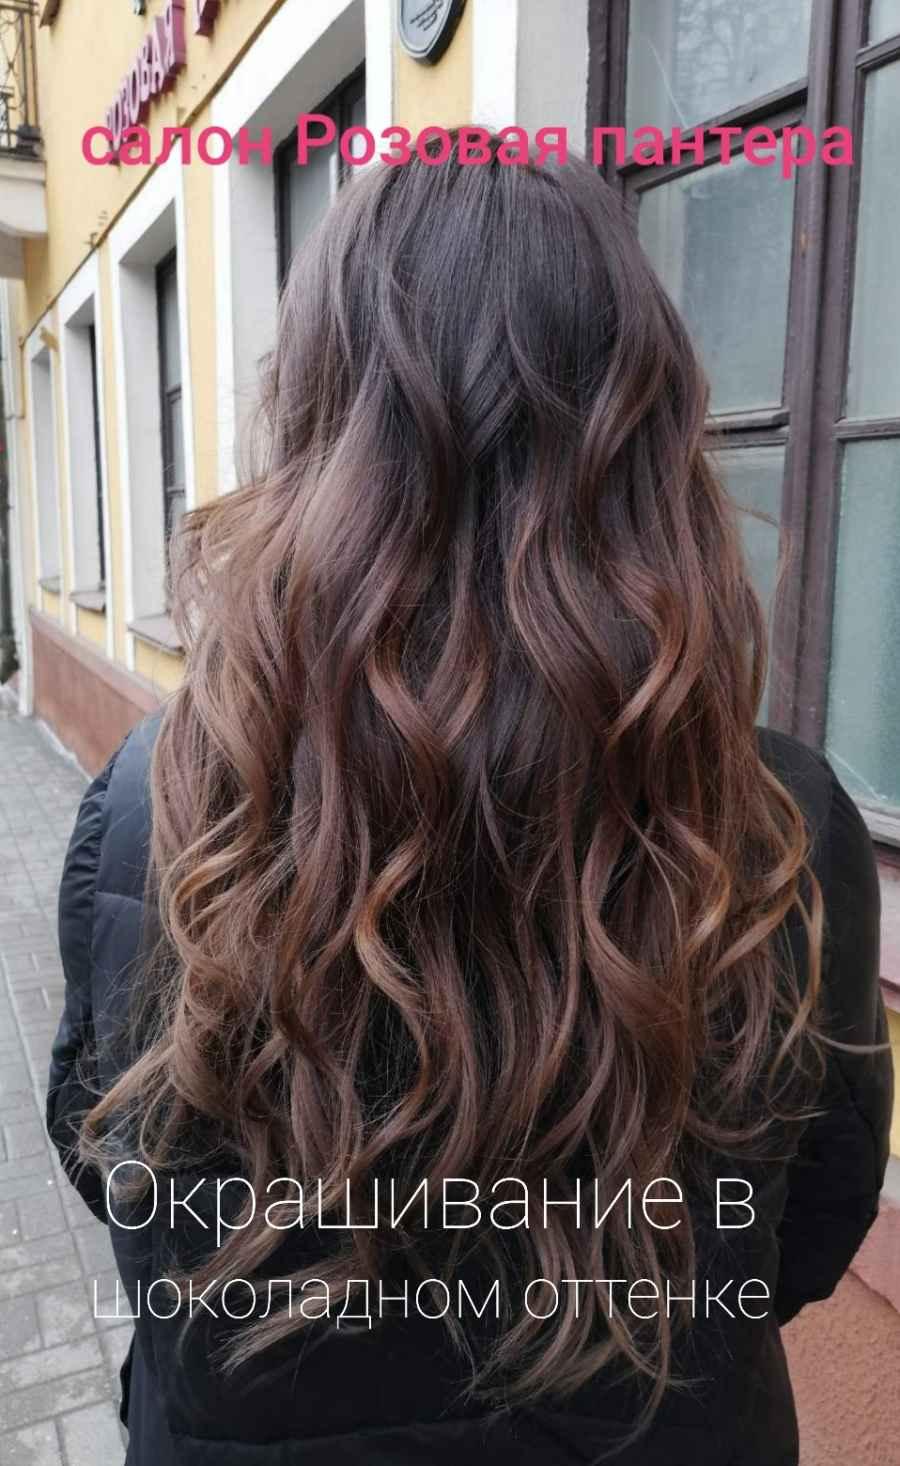 Сложное окрашивание волос студия Розовая пантера Минск